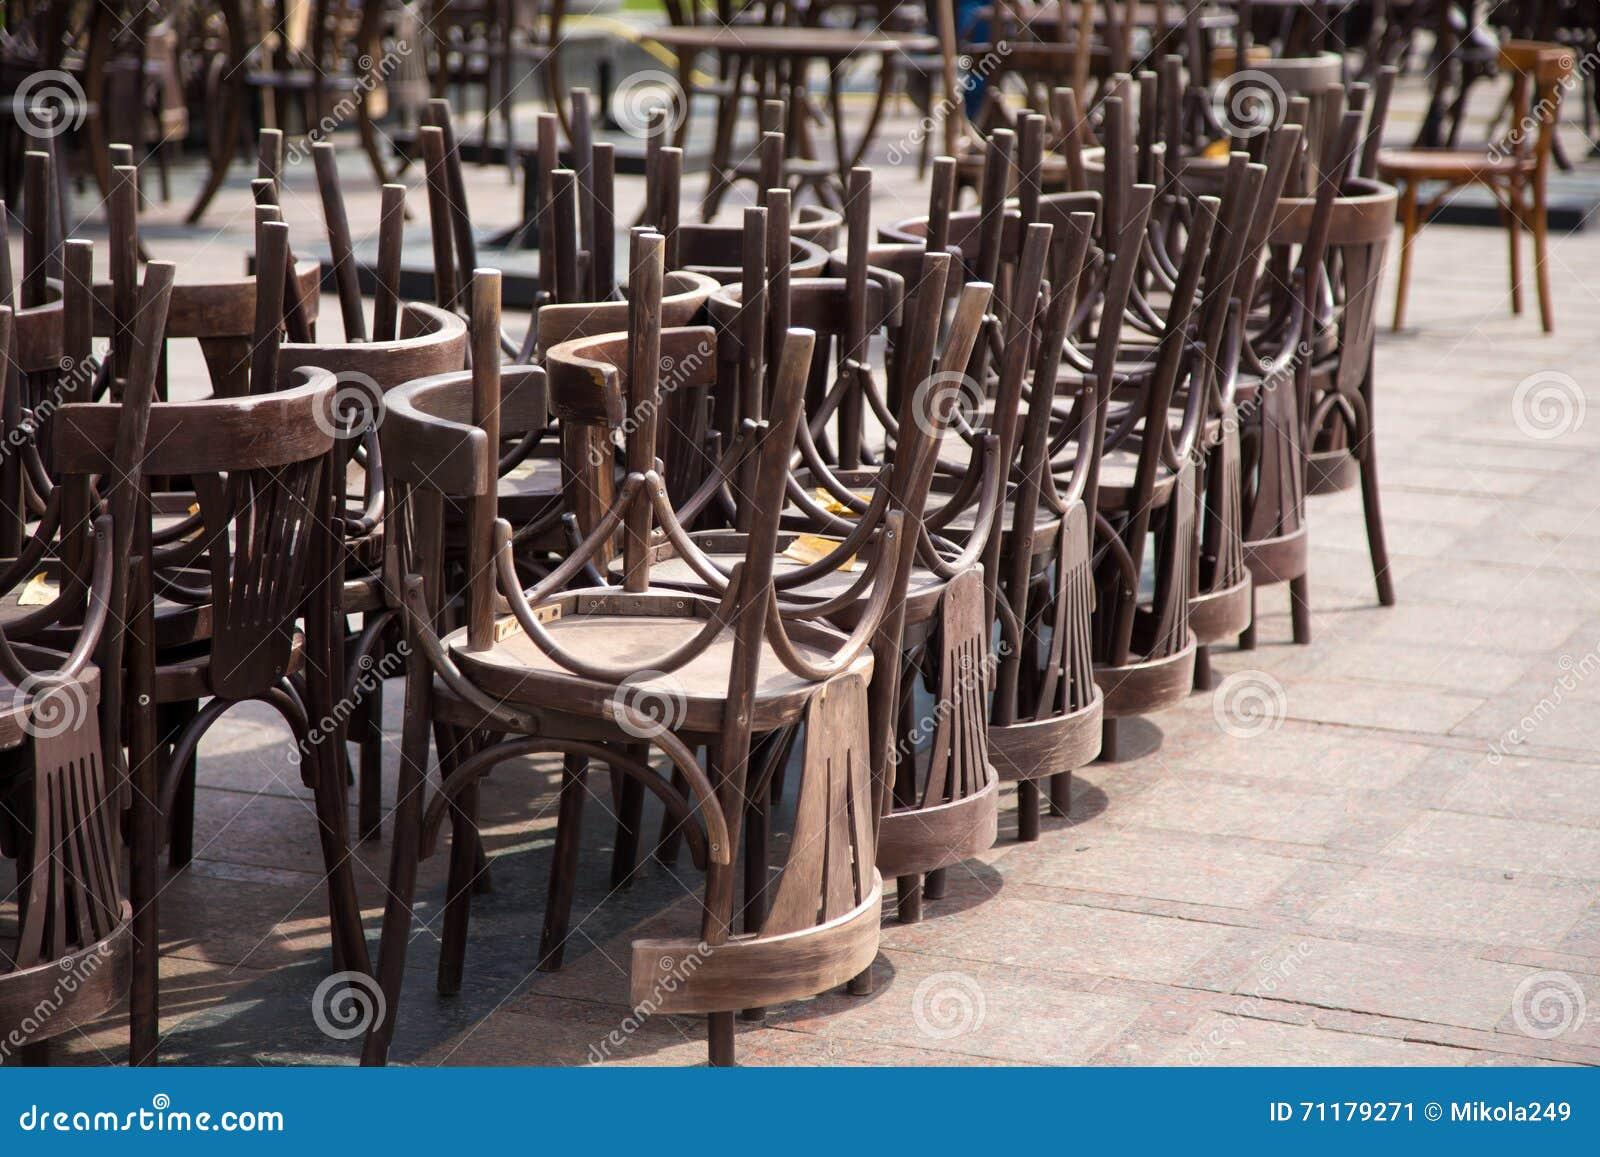 Alte Holzstühle Und Weinlesestühle Stockbild - Bild von ...